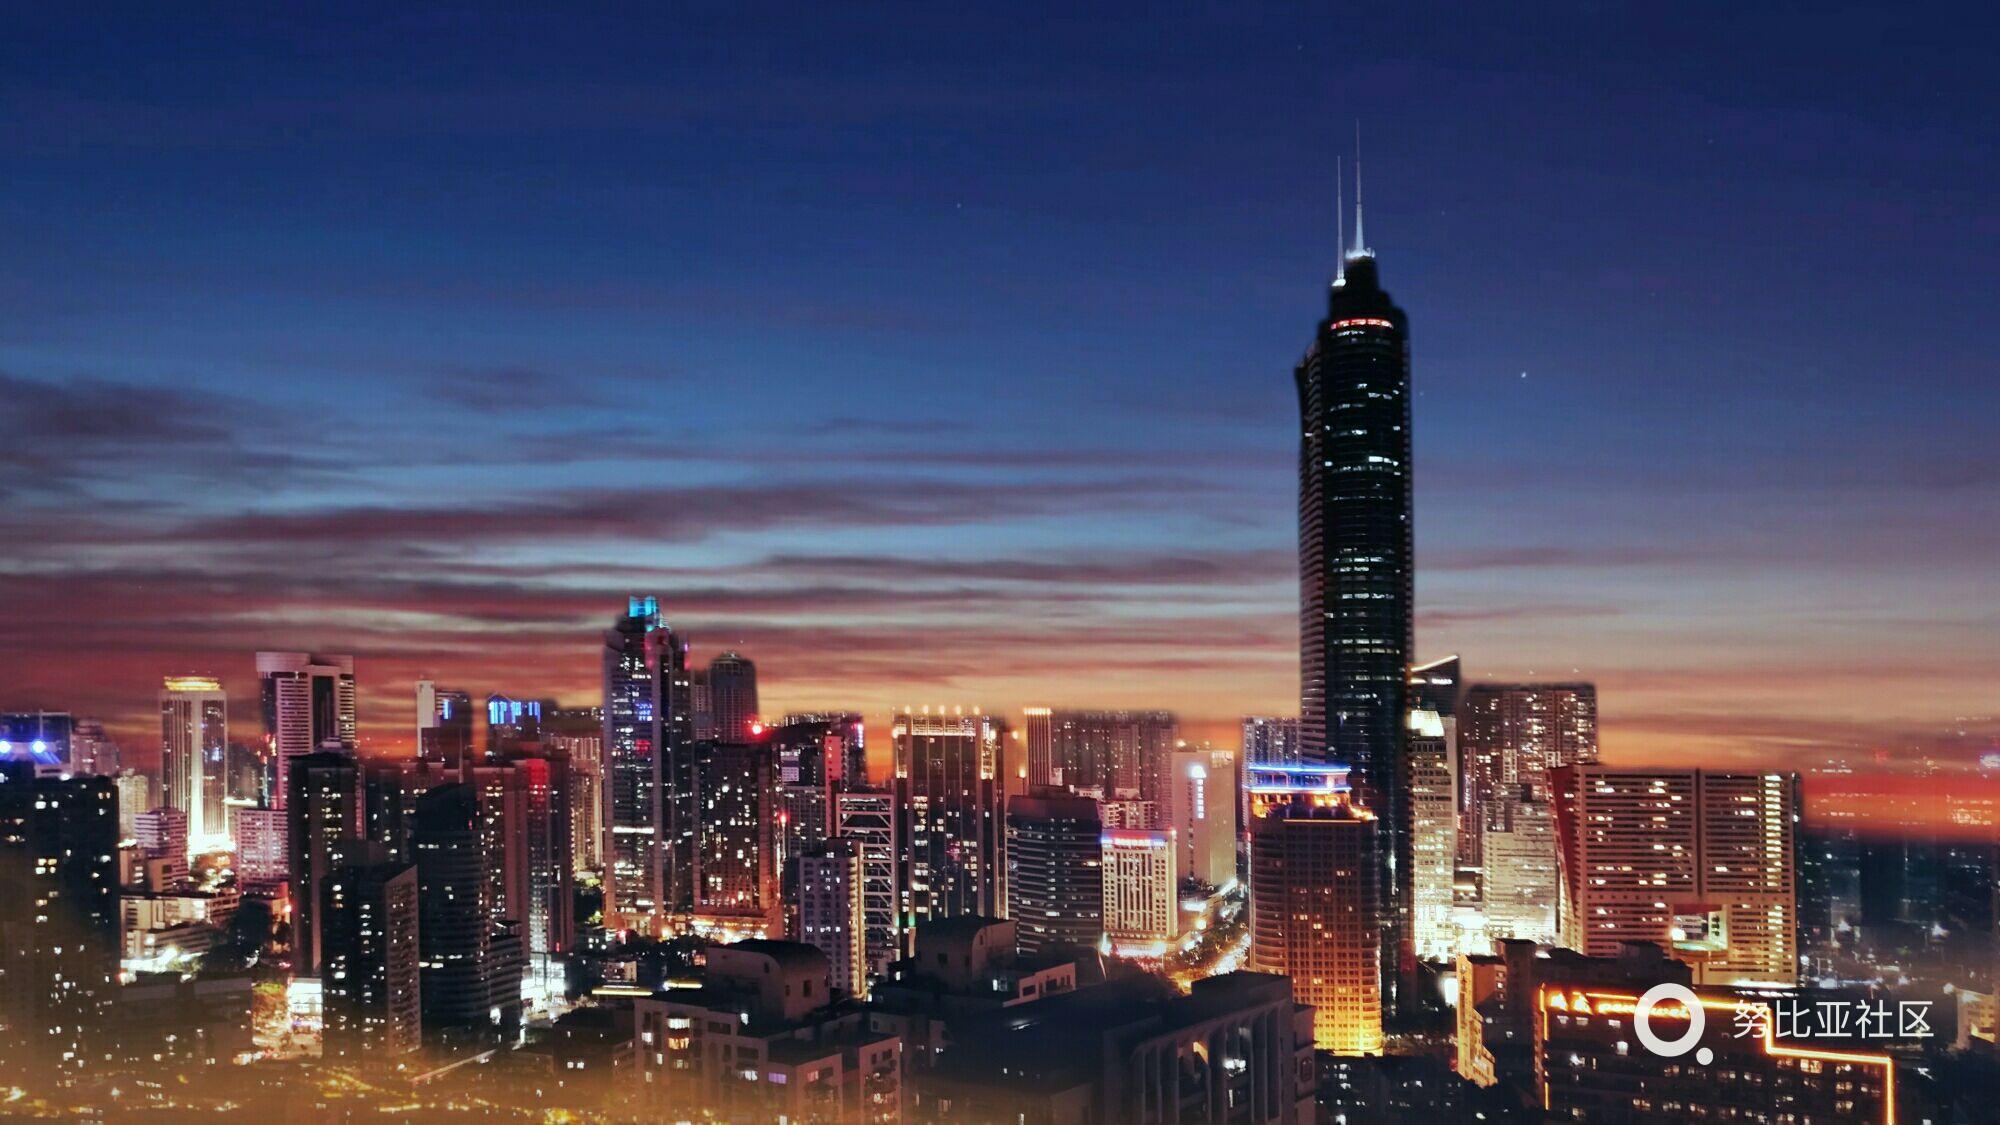 【中秋国庆灯光秀】 双节期间,深圳分别以市民中心和人才公园为中心